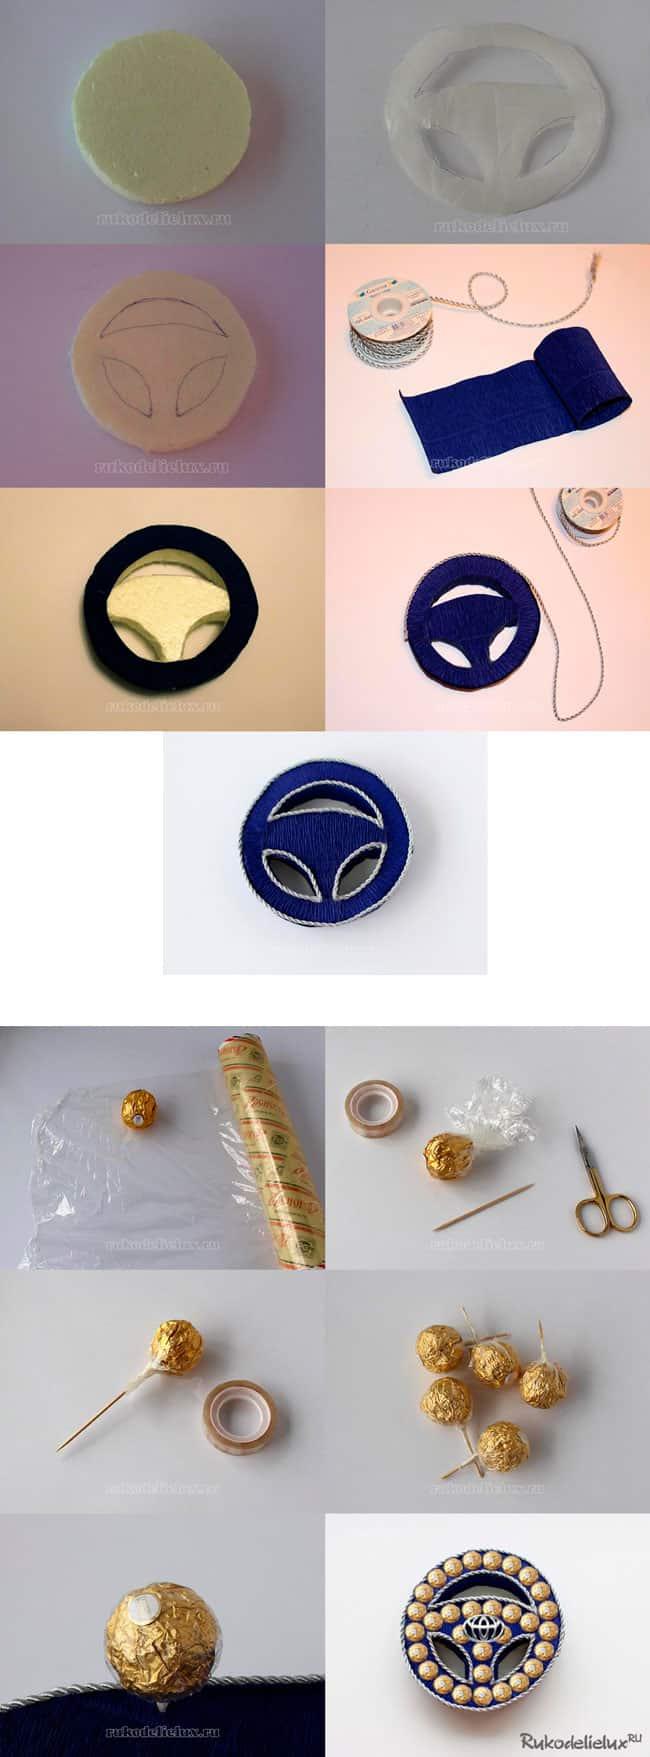 Руль из конфет - инструкция